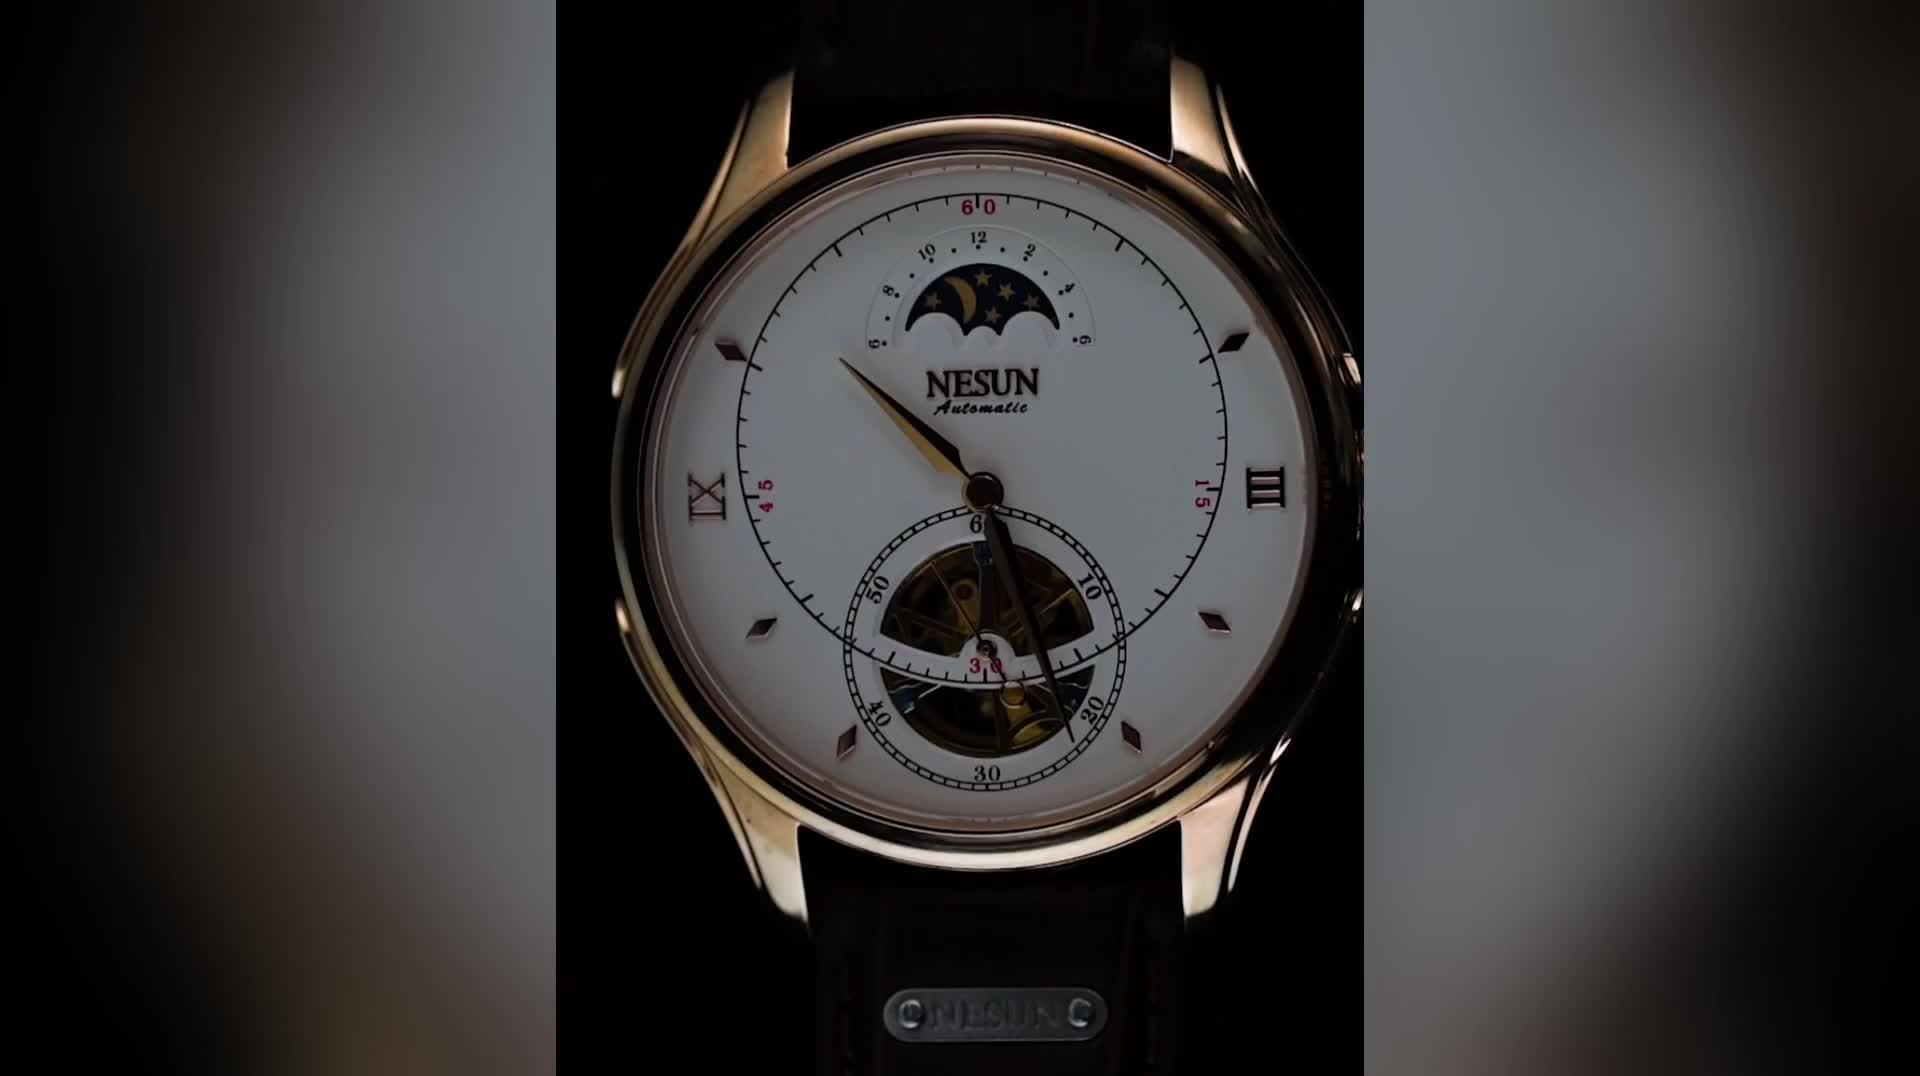 יוקרה מותג אוטומטי מכאני תנועת נירוסטה באיכות גבוהה שעונים לגברים